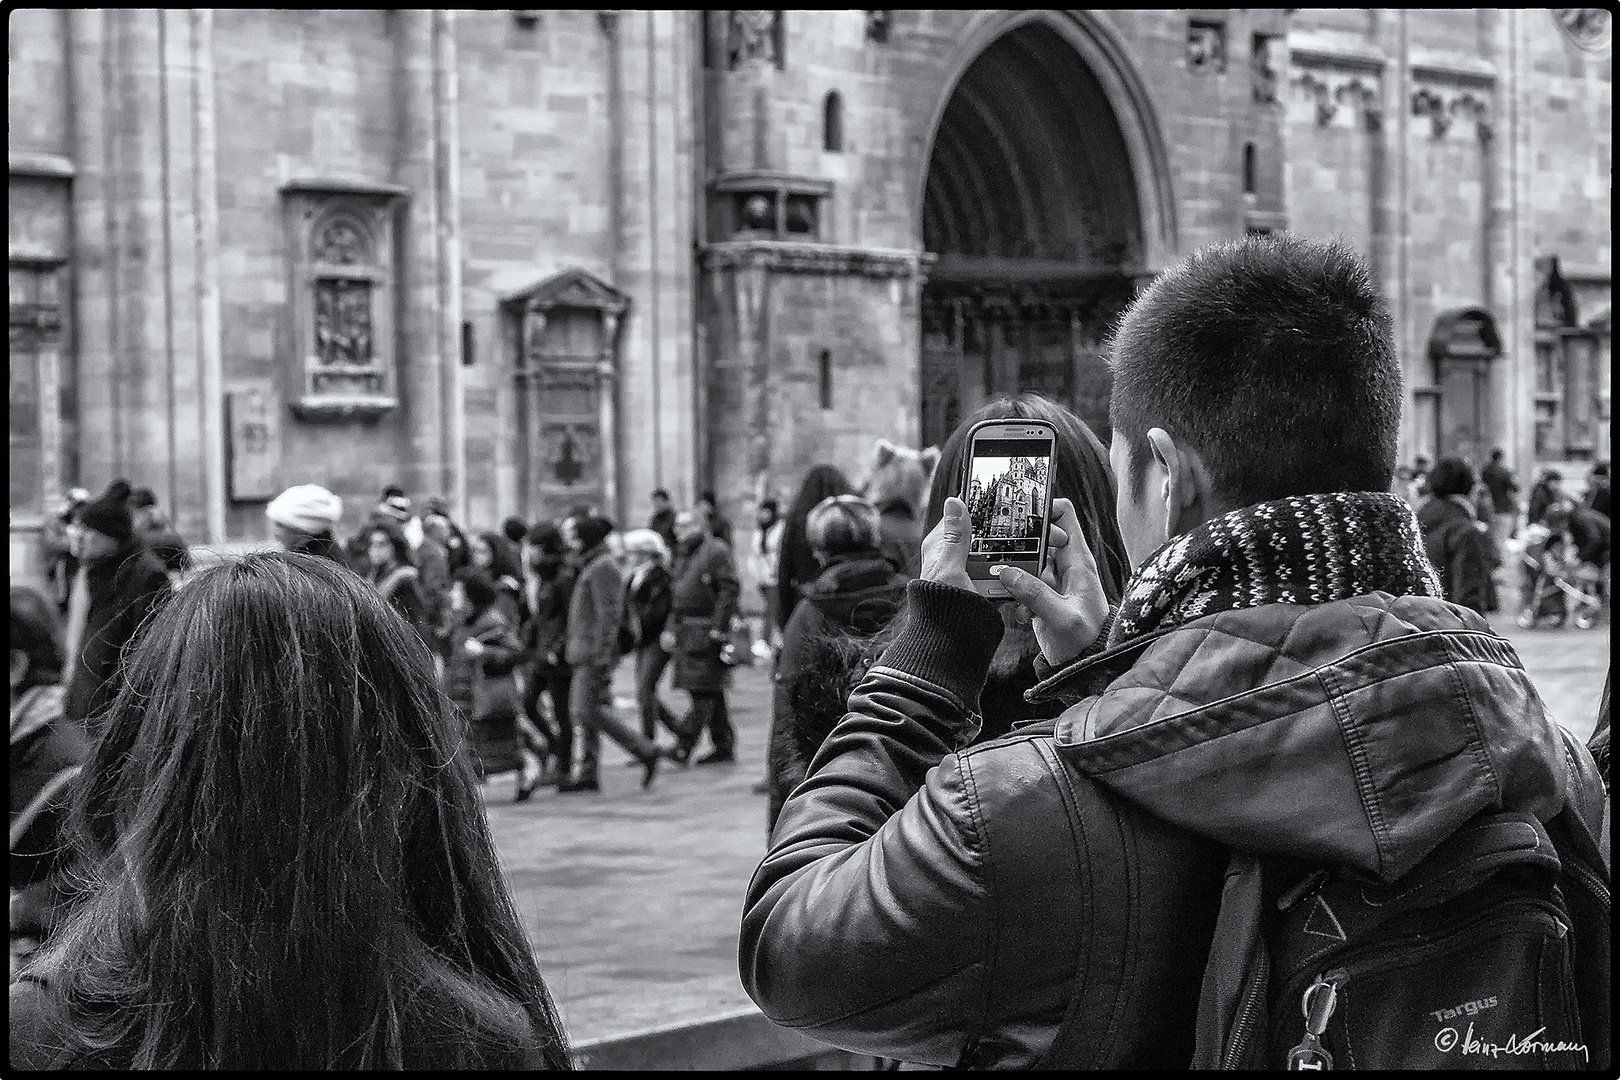 Touristen Touristen Touristen.... ;o)